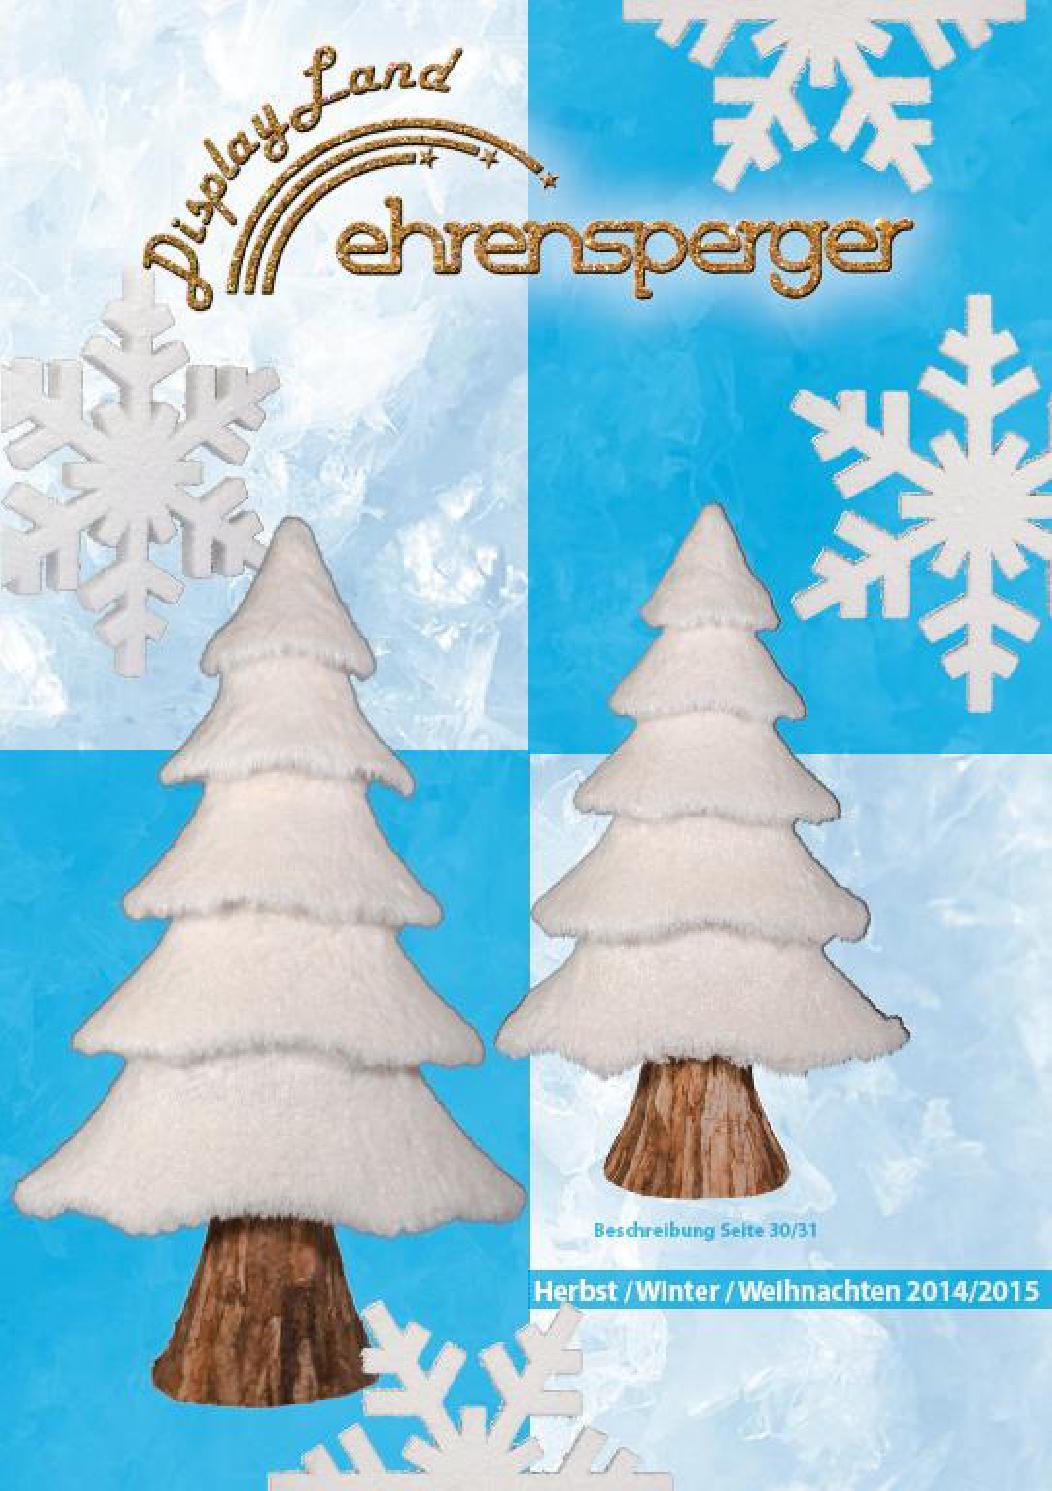 WEIHNACHTSBAUM 58 cm ORION ETAGERE für Weihnachtsdekorationen